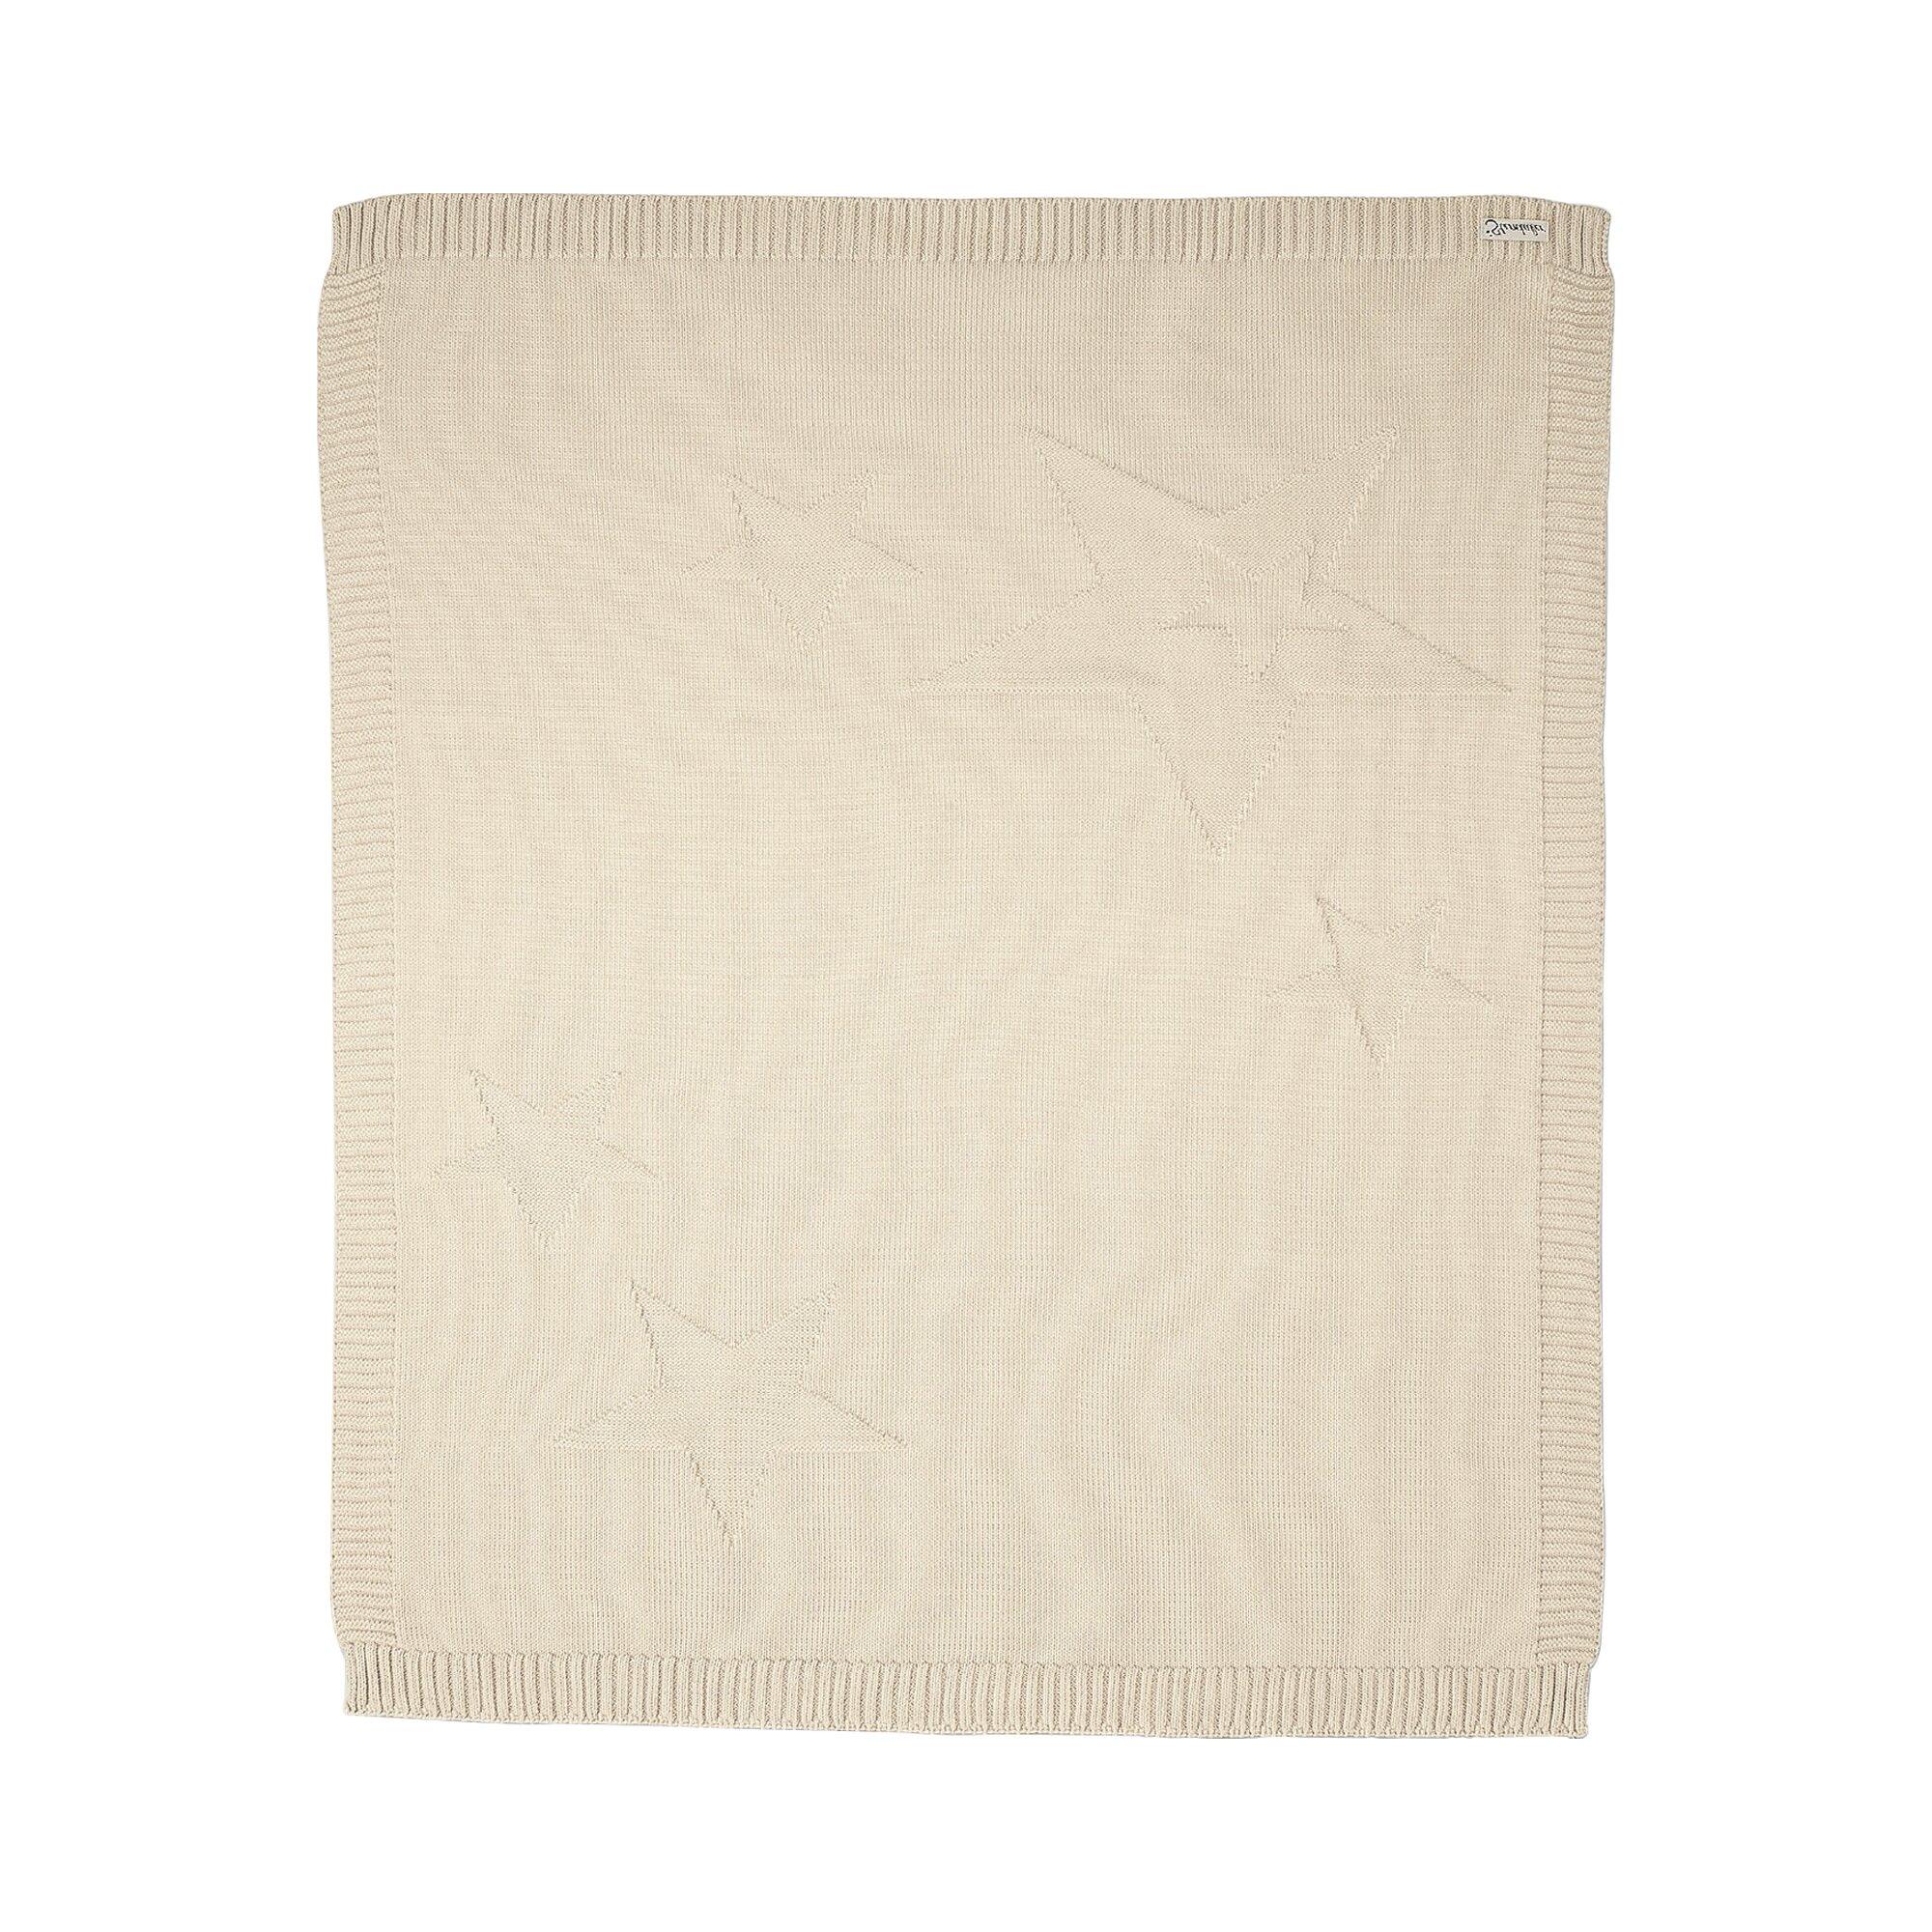 sterntaler-strick-babydecke-baylee-90x75-cm-beige